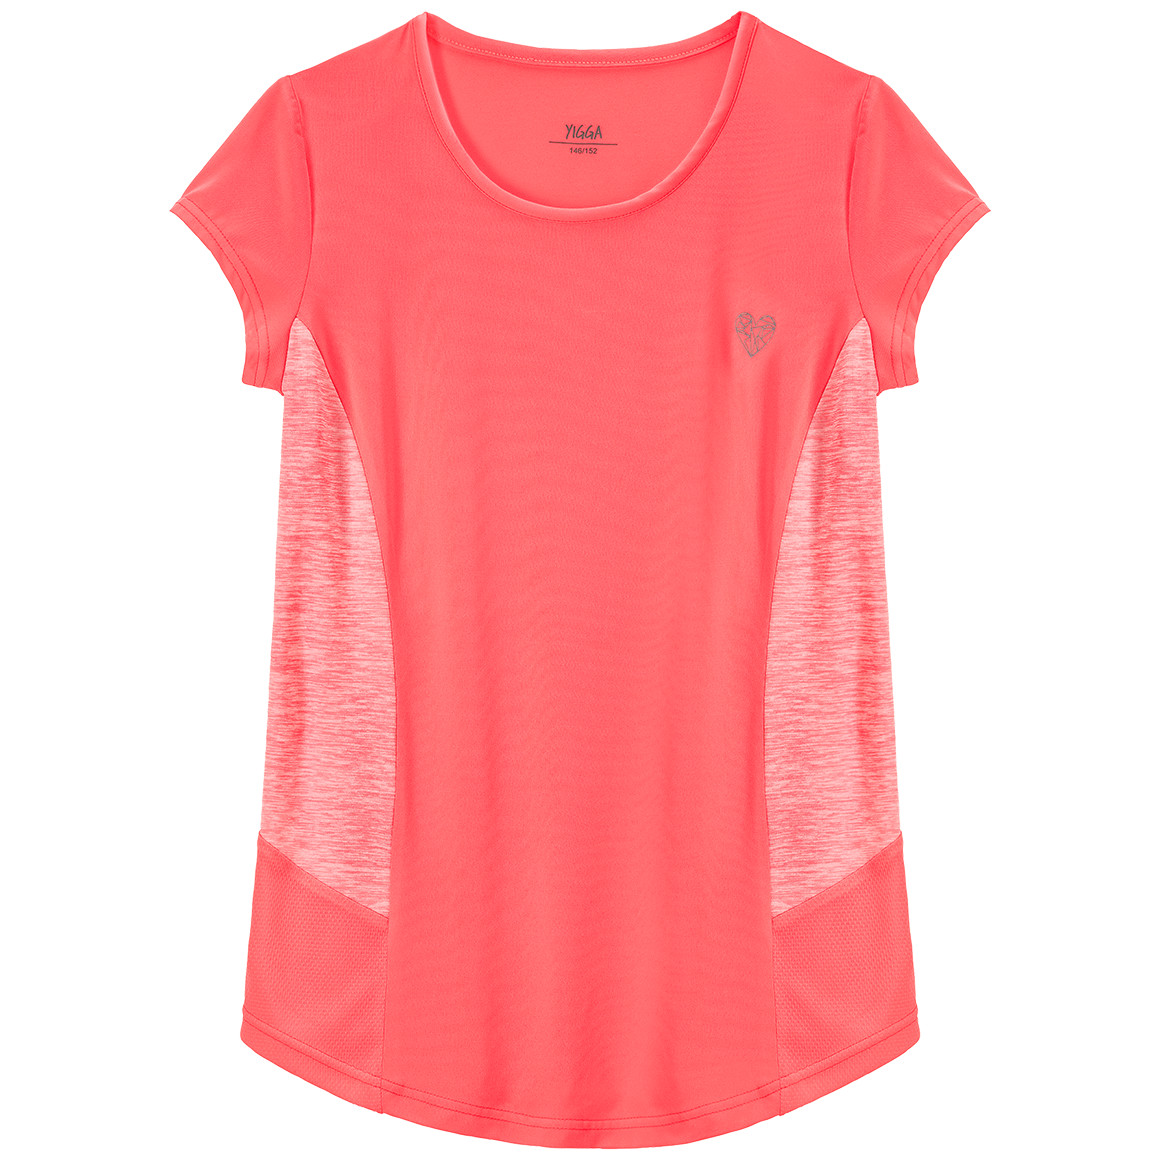 Girlsoberteile - Mädchen Sport T-Shirt mit Mesheinsätzen - Onlineshop Ernstings family